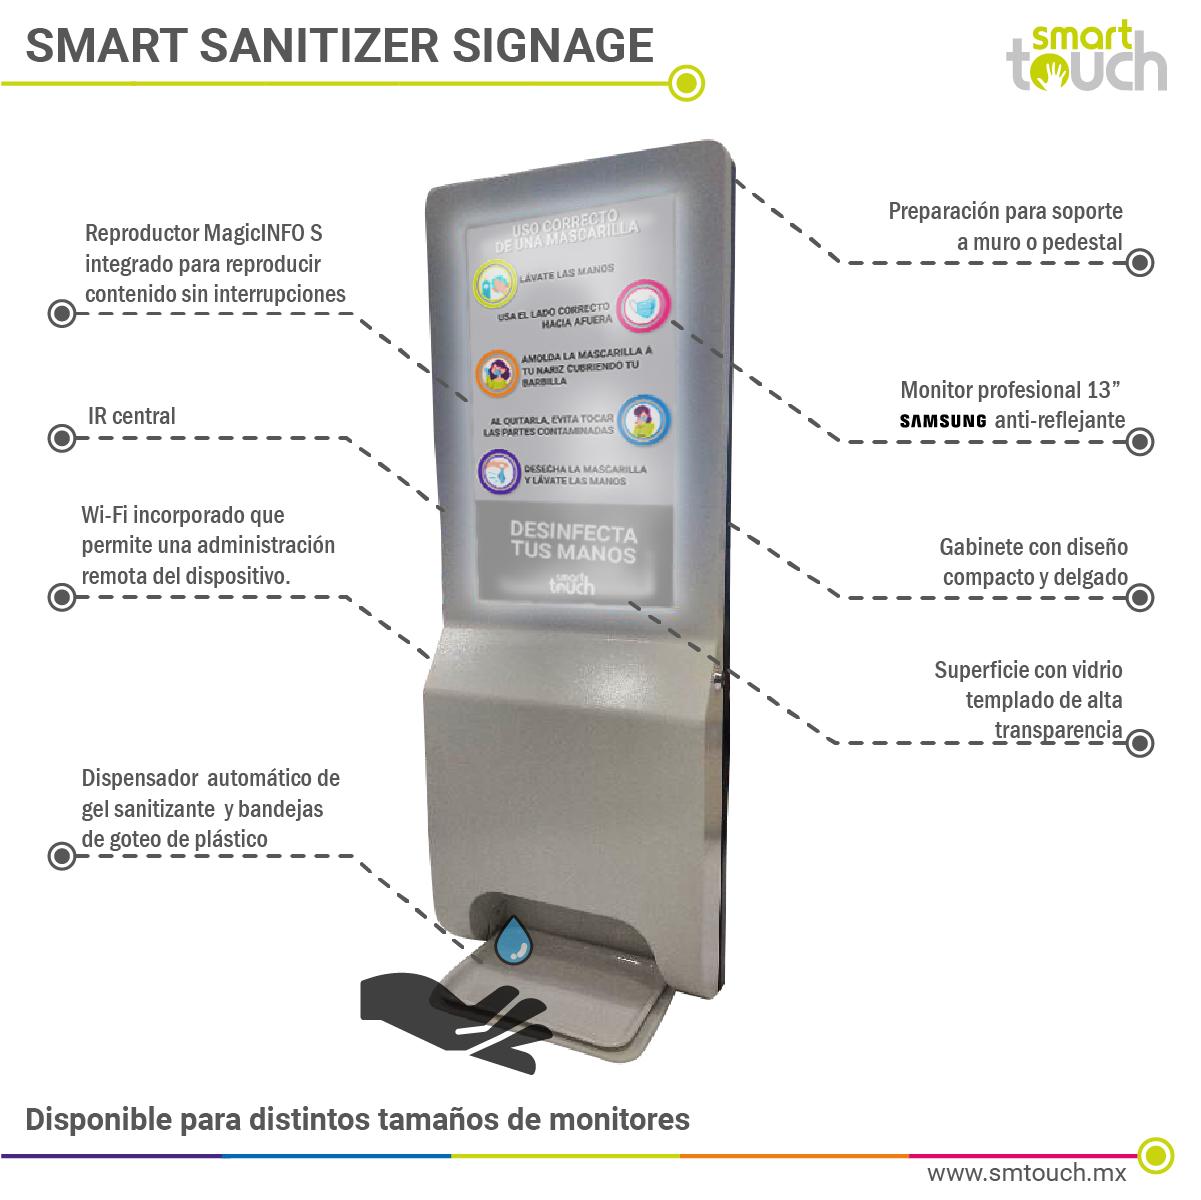 Smart Sanitizer Signage